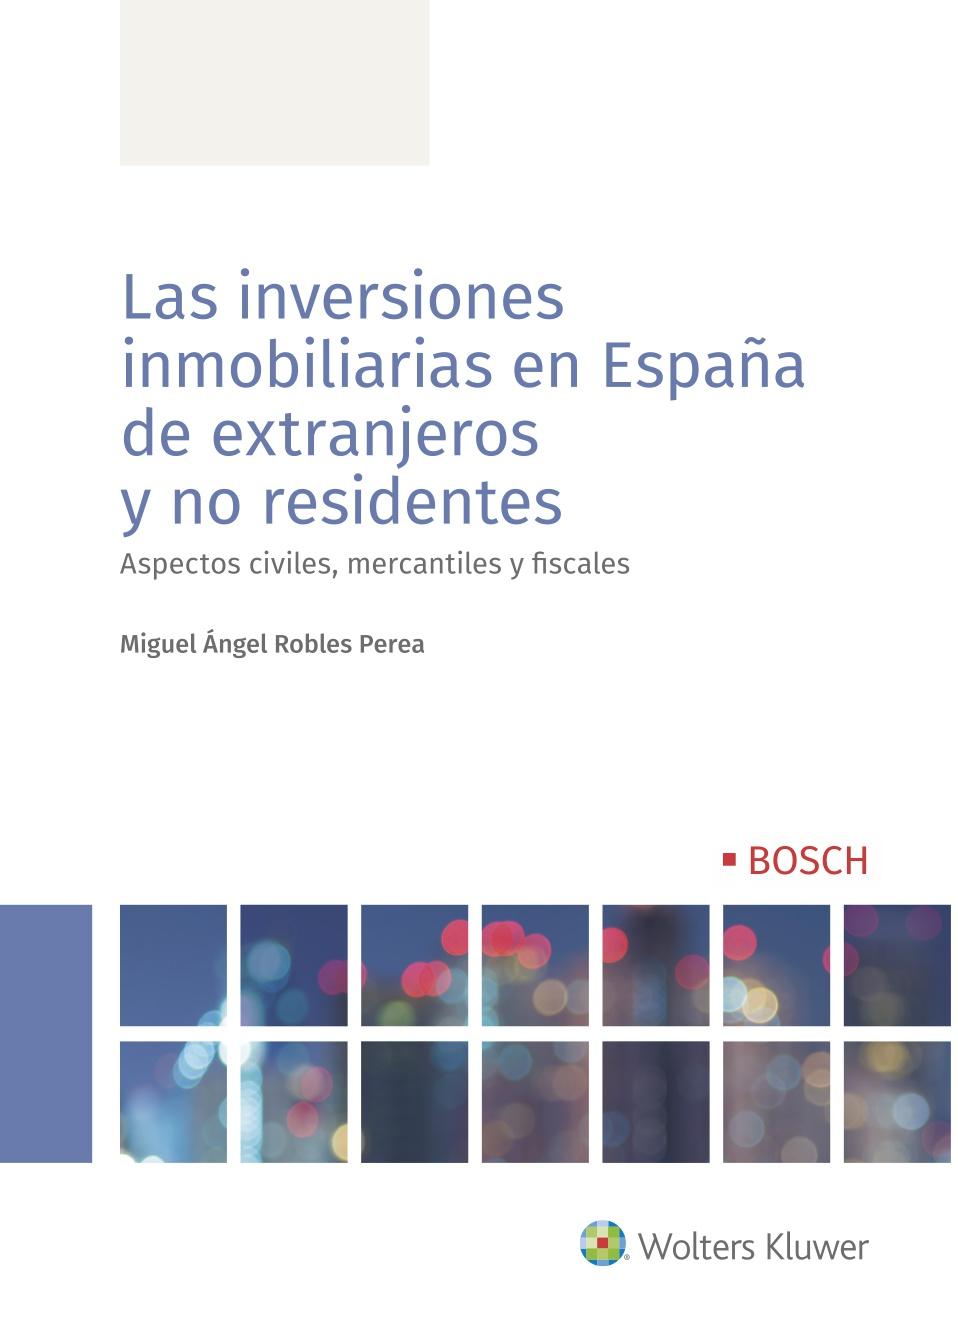 Las inversiones inmobiliarias en España de extranjeros y no residentes   «Aspectos civiles, mercantiles y fiscales»